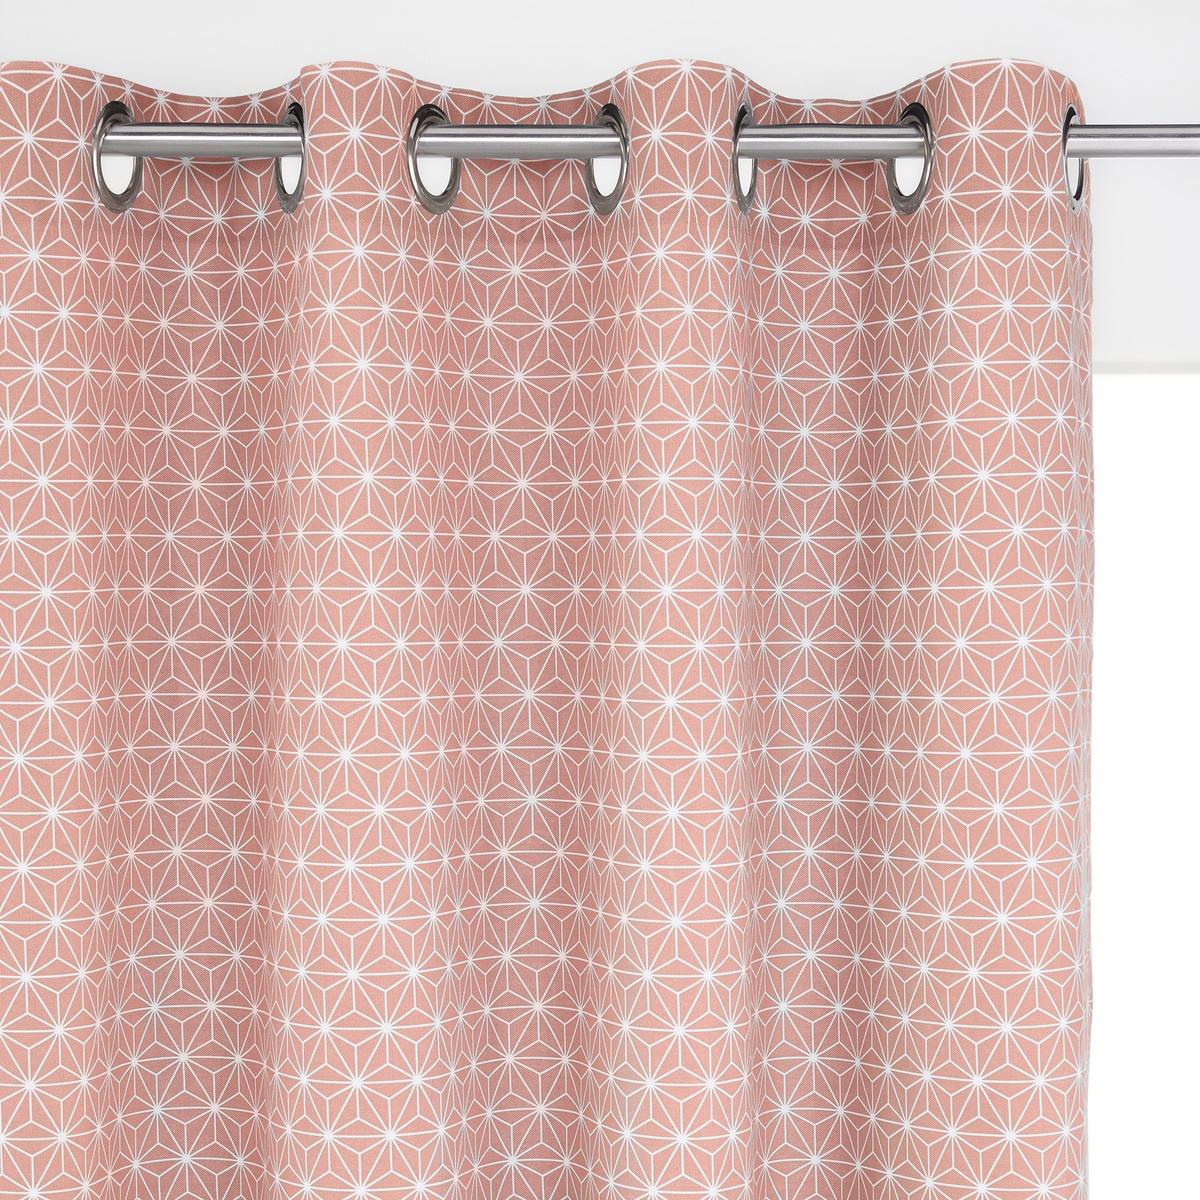 Штора La Redoute Из хлопка с люверсами Lozange 180 x 135 см розовый штора с люверсами 100% хлопок aron